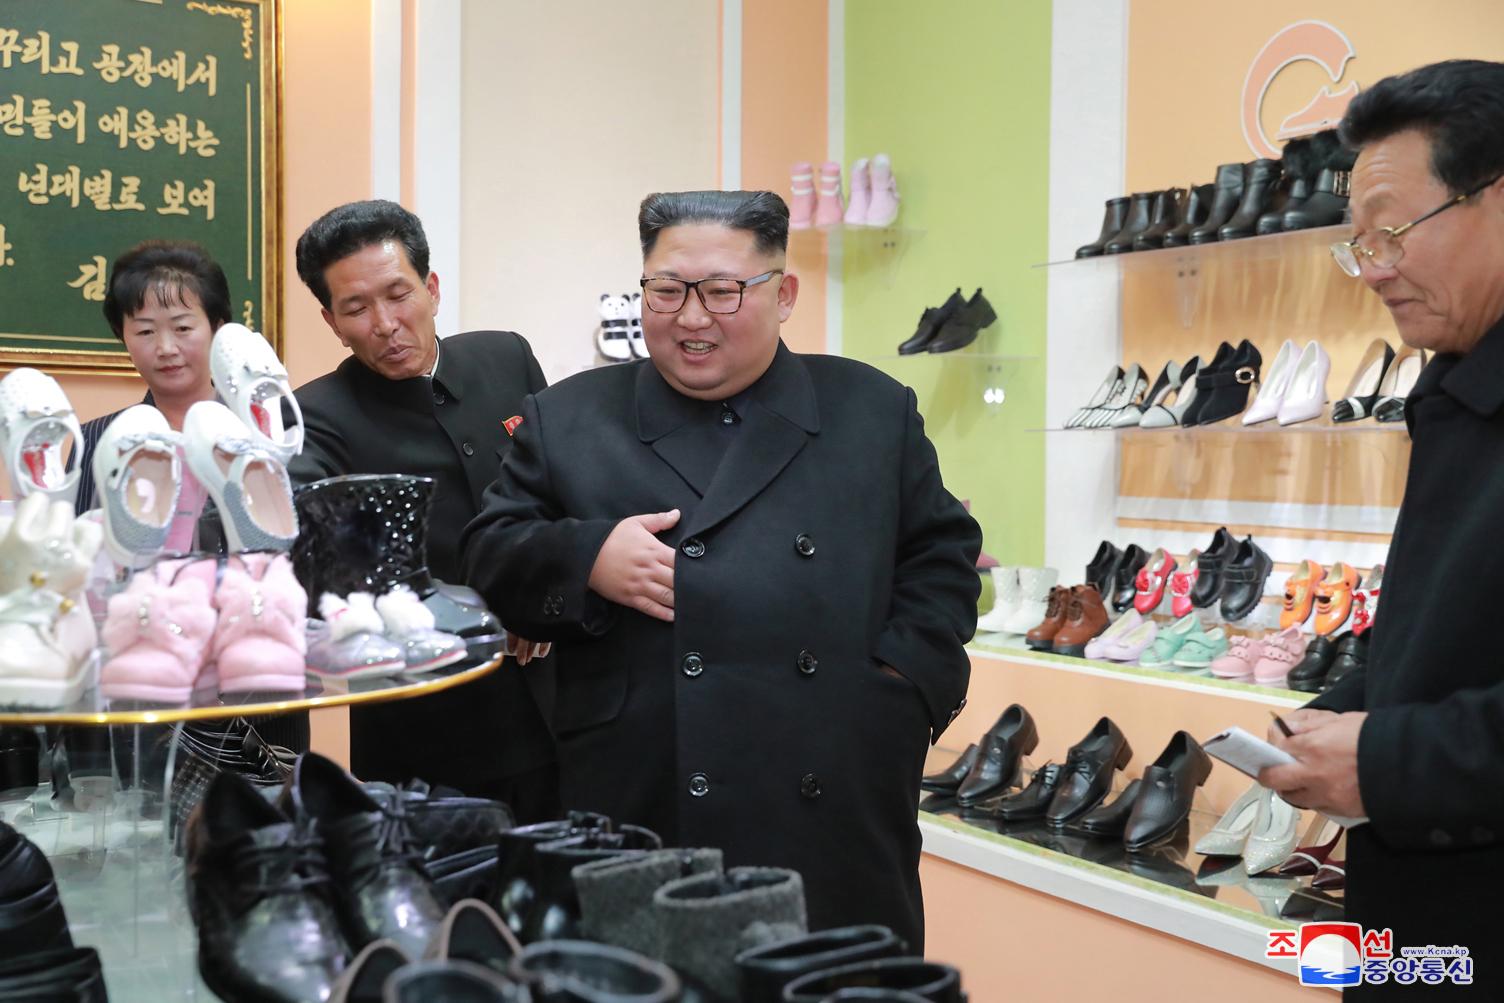 김정은 북한 국무위원장이 원산구두공장을 현지지도하는 모습을 조선중앙통신이 3일 보도했다. 통신은 이 사진을 보도하며 정확한 촬영 날짜는 밝히지 않았다. [연합뉴스]